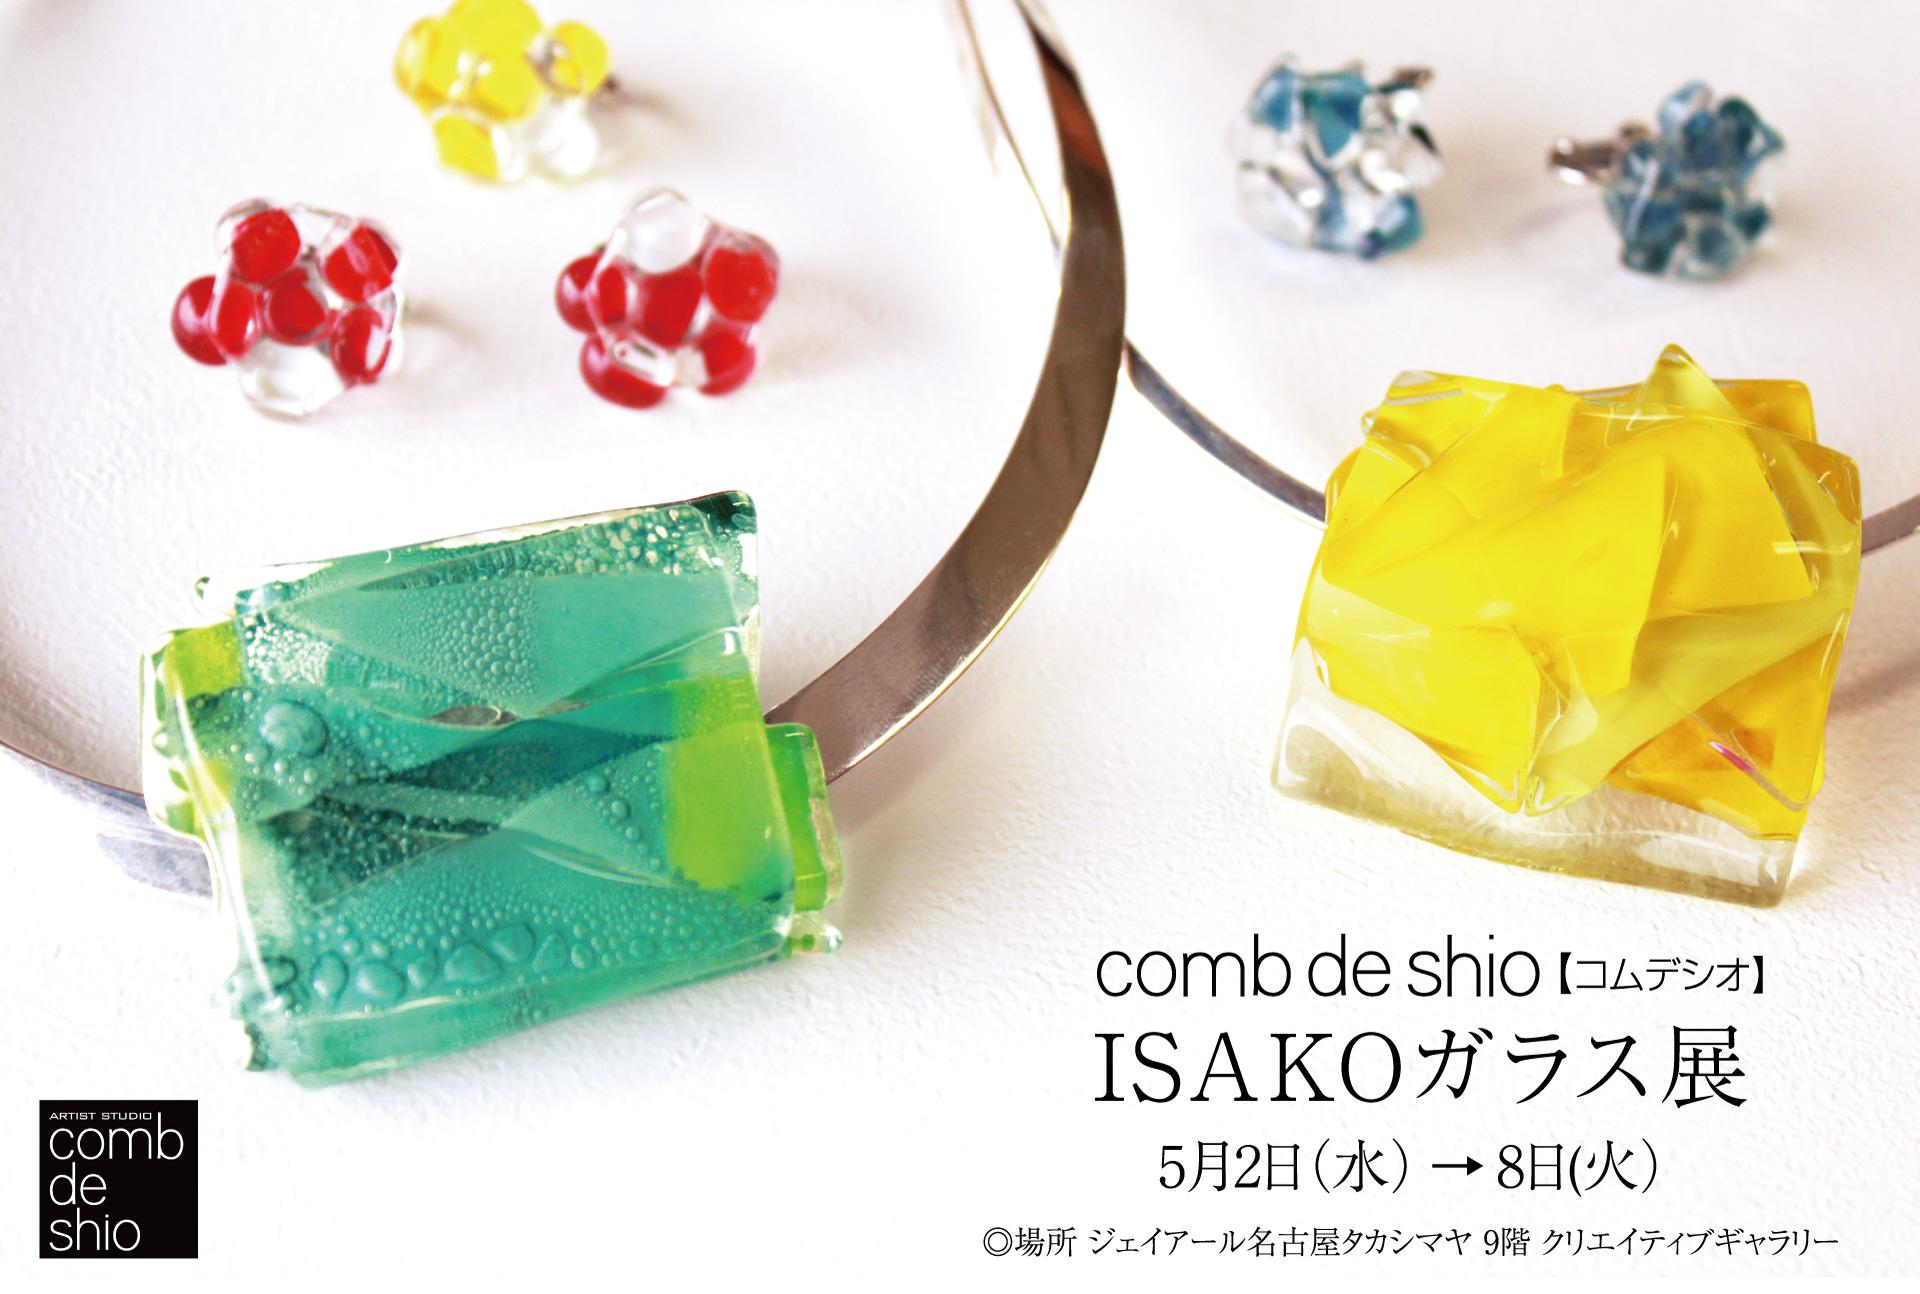 5/2(水)からジェイアール名古屋タカシマヤにて展示会を開催します